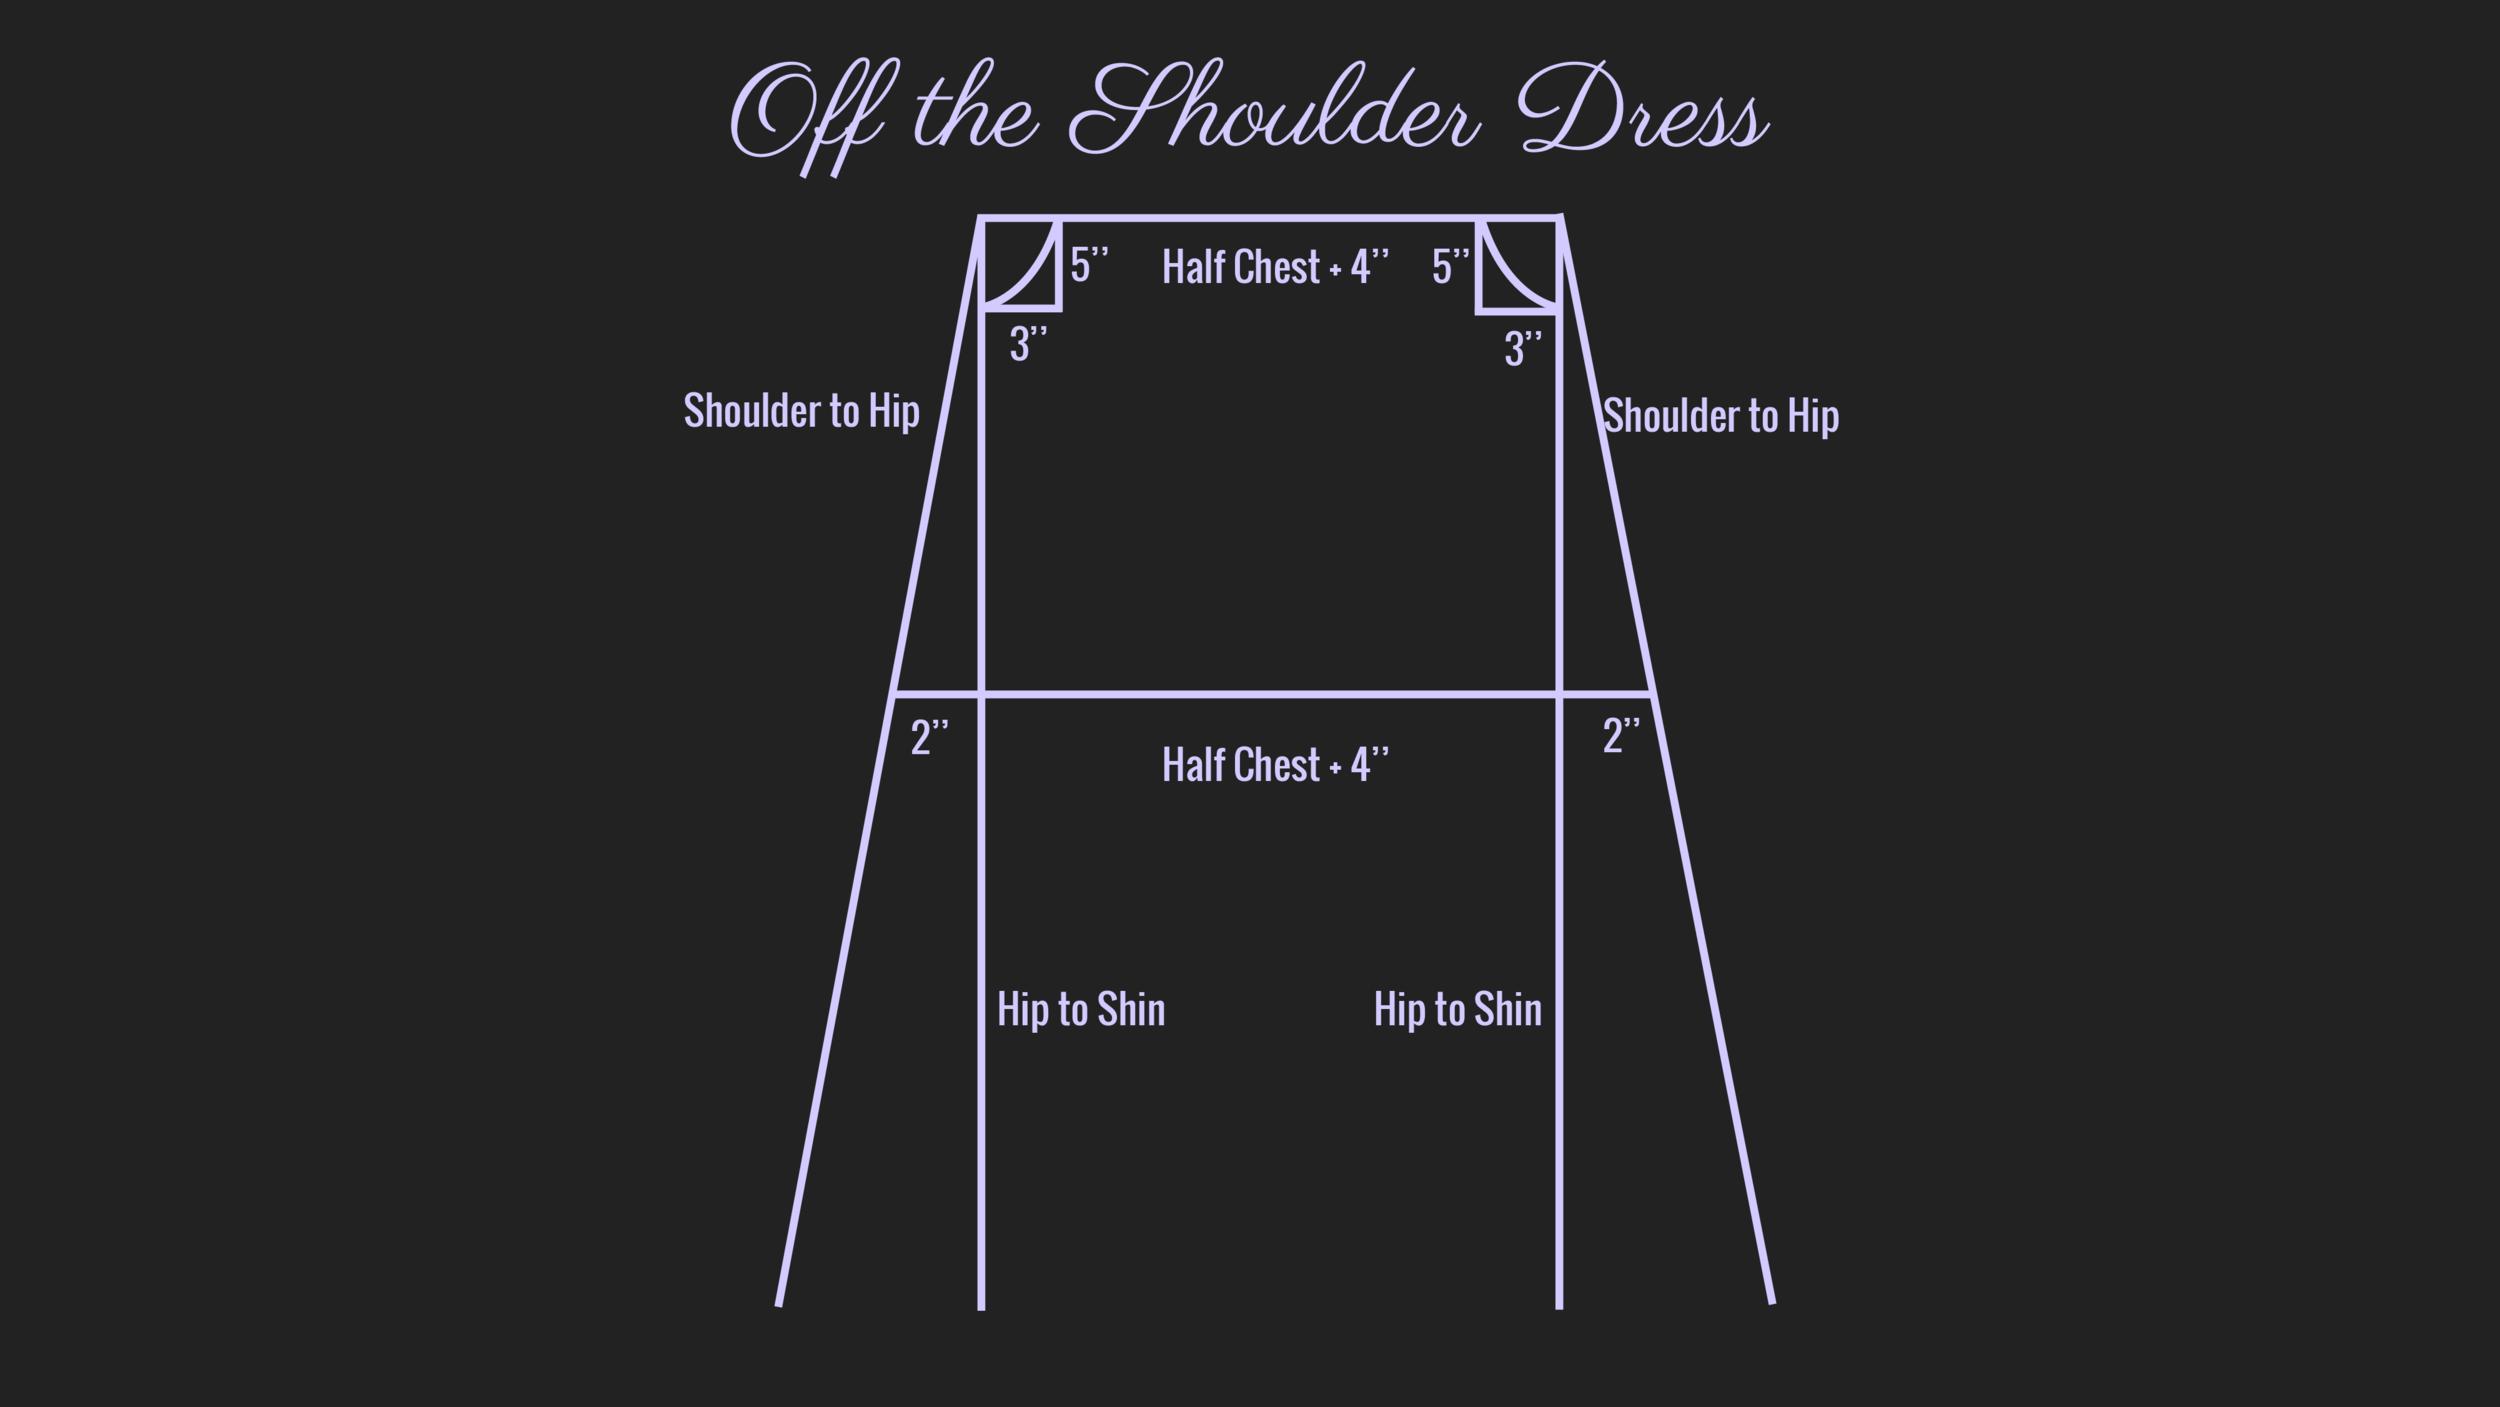 Off the shoulder dress 9.png